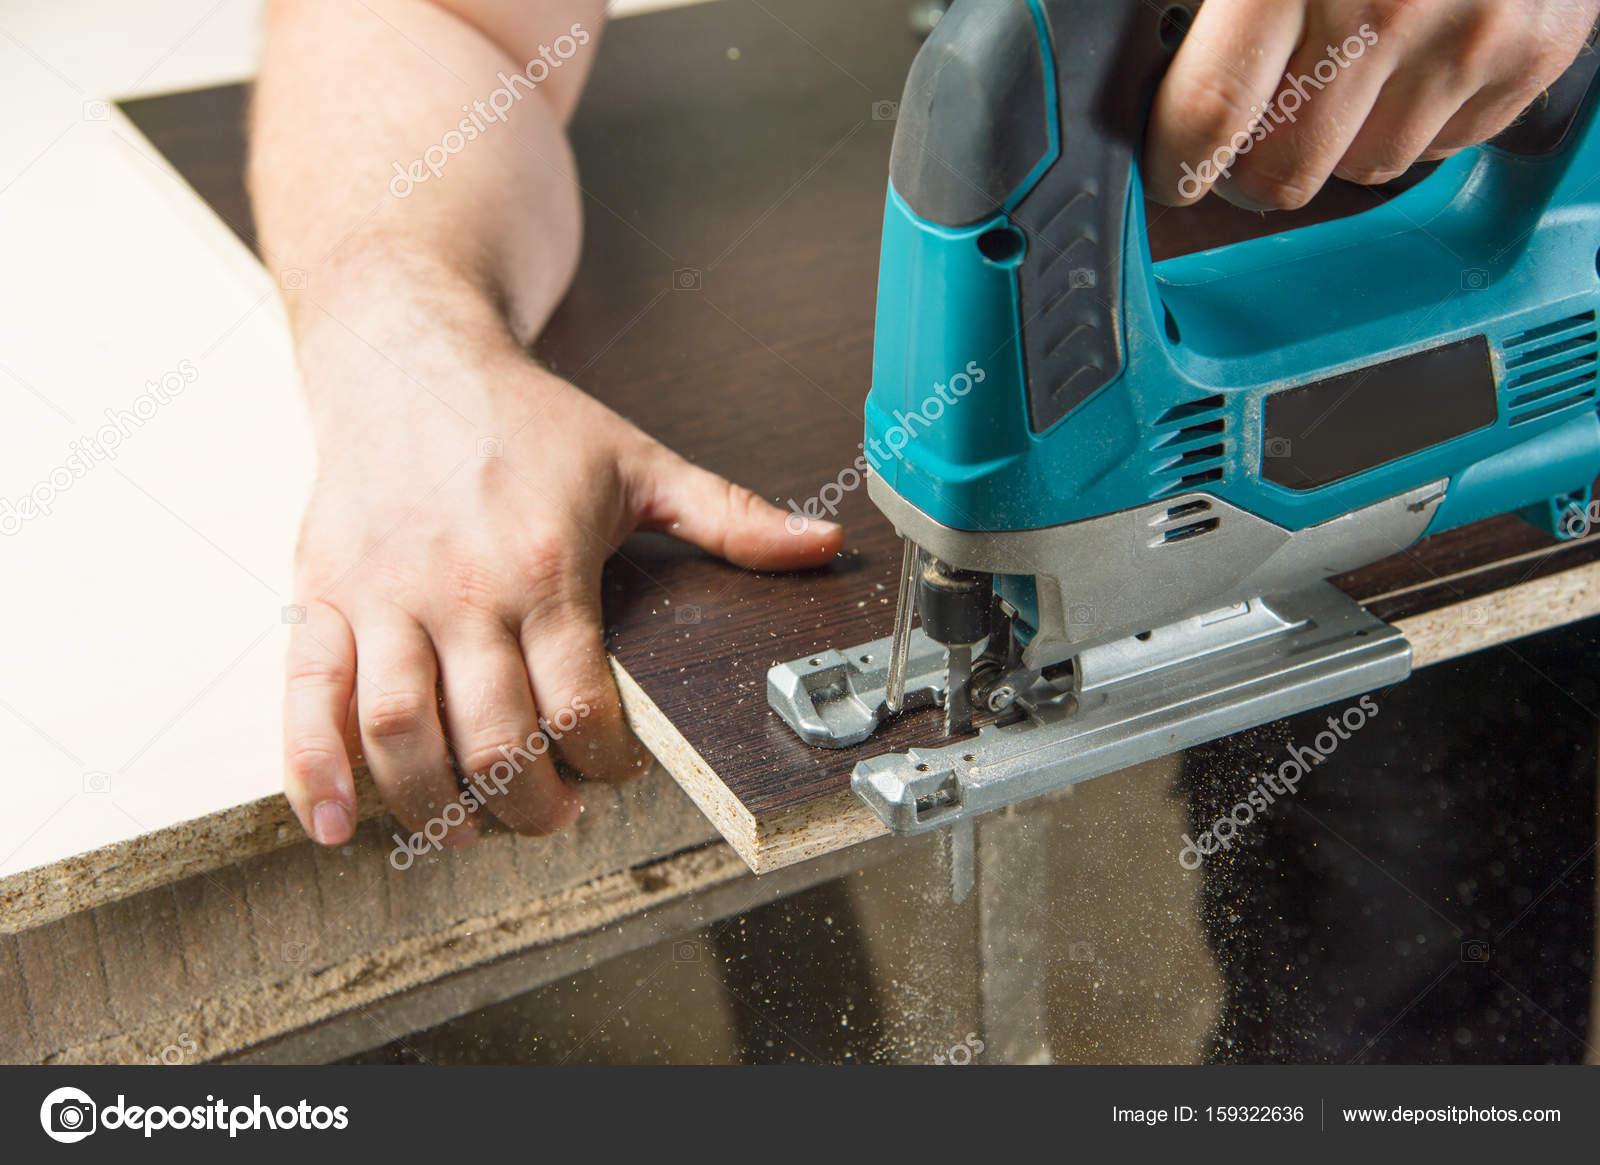 Carpentiere di close up che lavora con seghetto alternativo u2014 foto